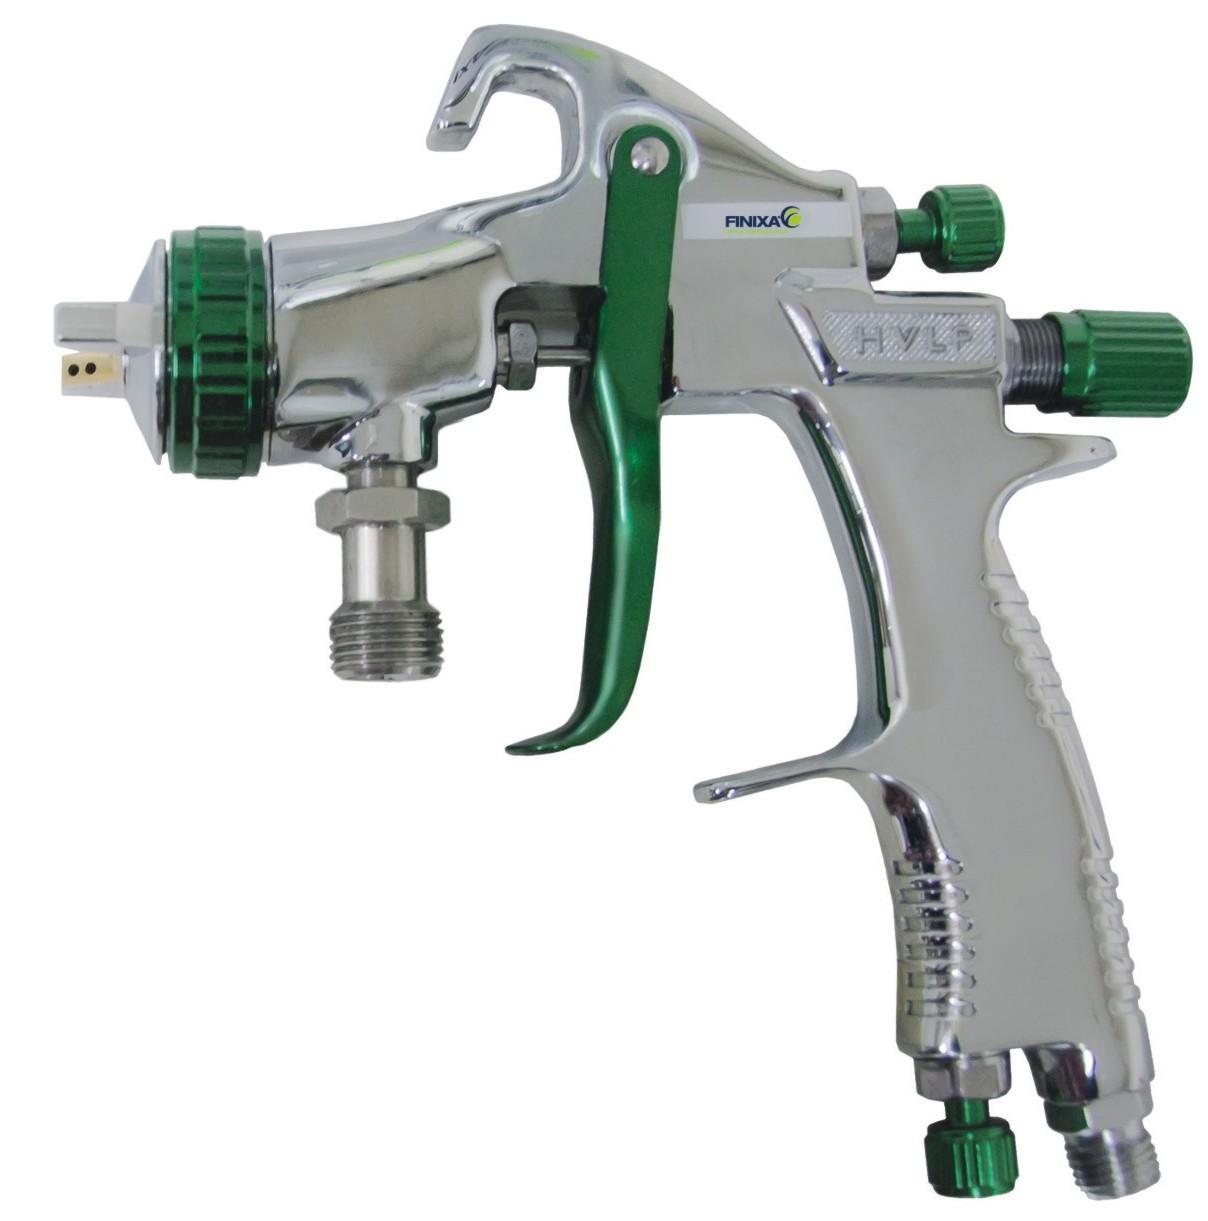 Stříkací pistole a příslušenství